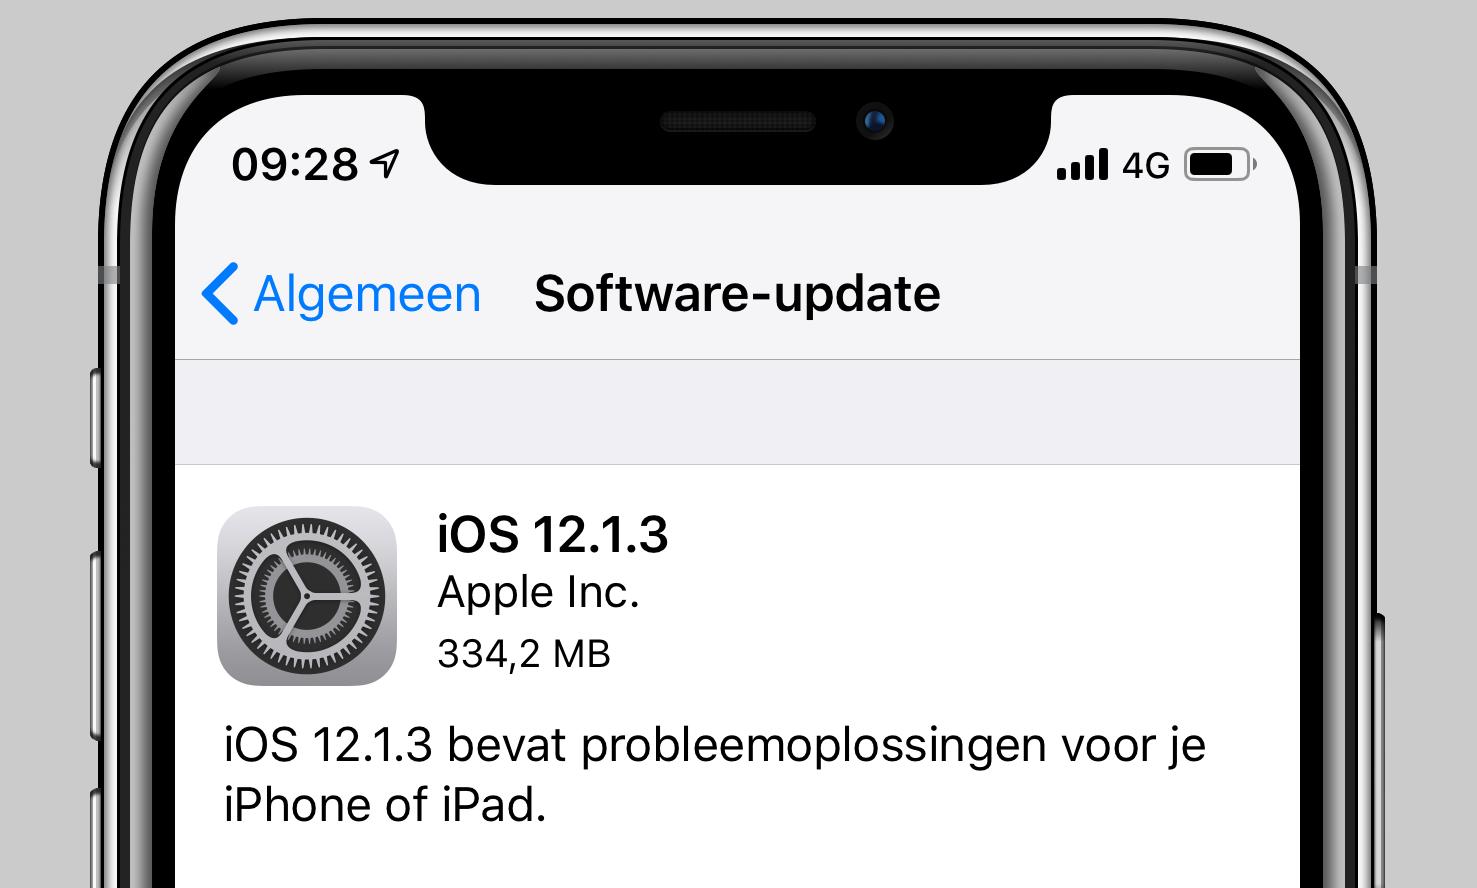 iOS 12.1.3 update